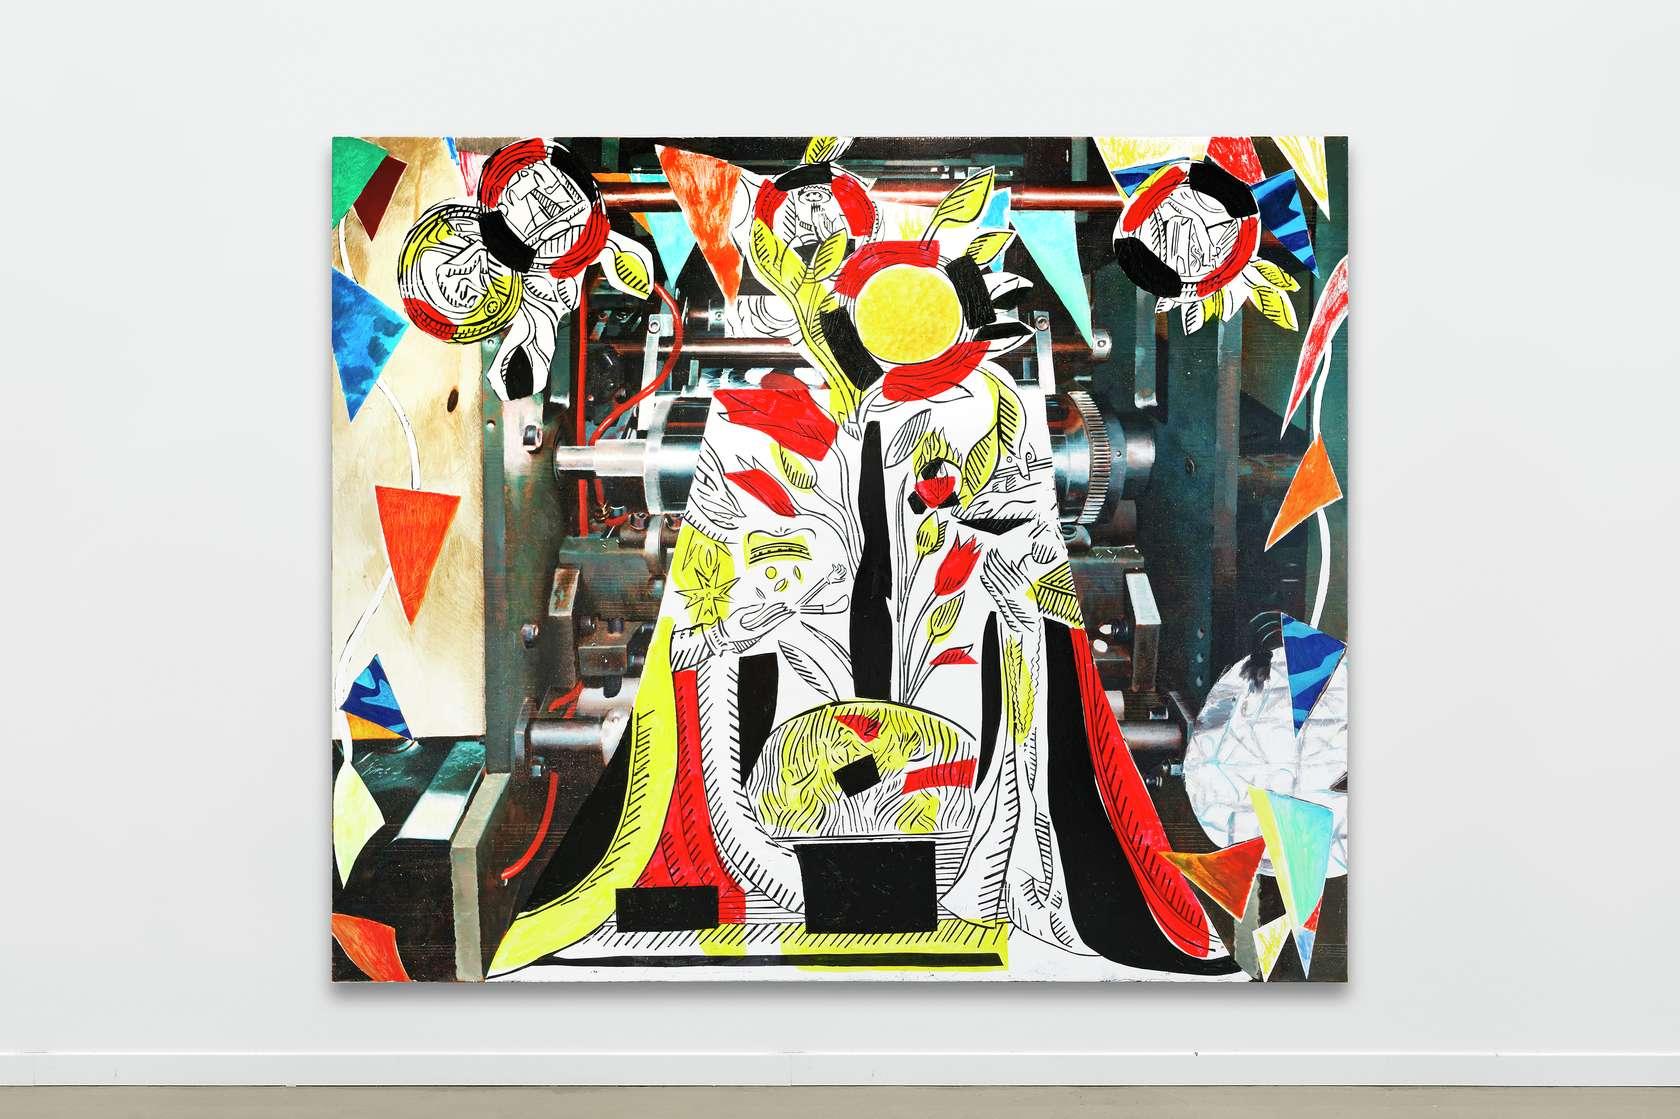 Laurent Proux, Roses et épines, 2018 Huile sur toile200 x 240 cm / 78 6/8 x 94 1/2 inches